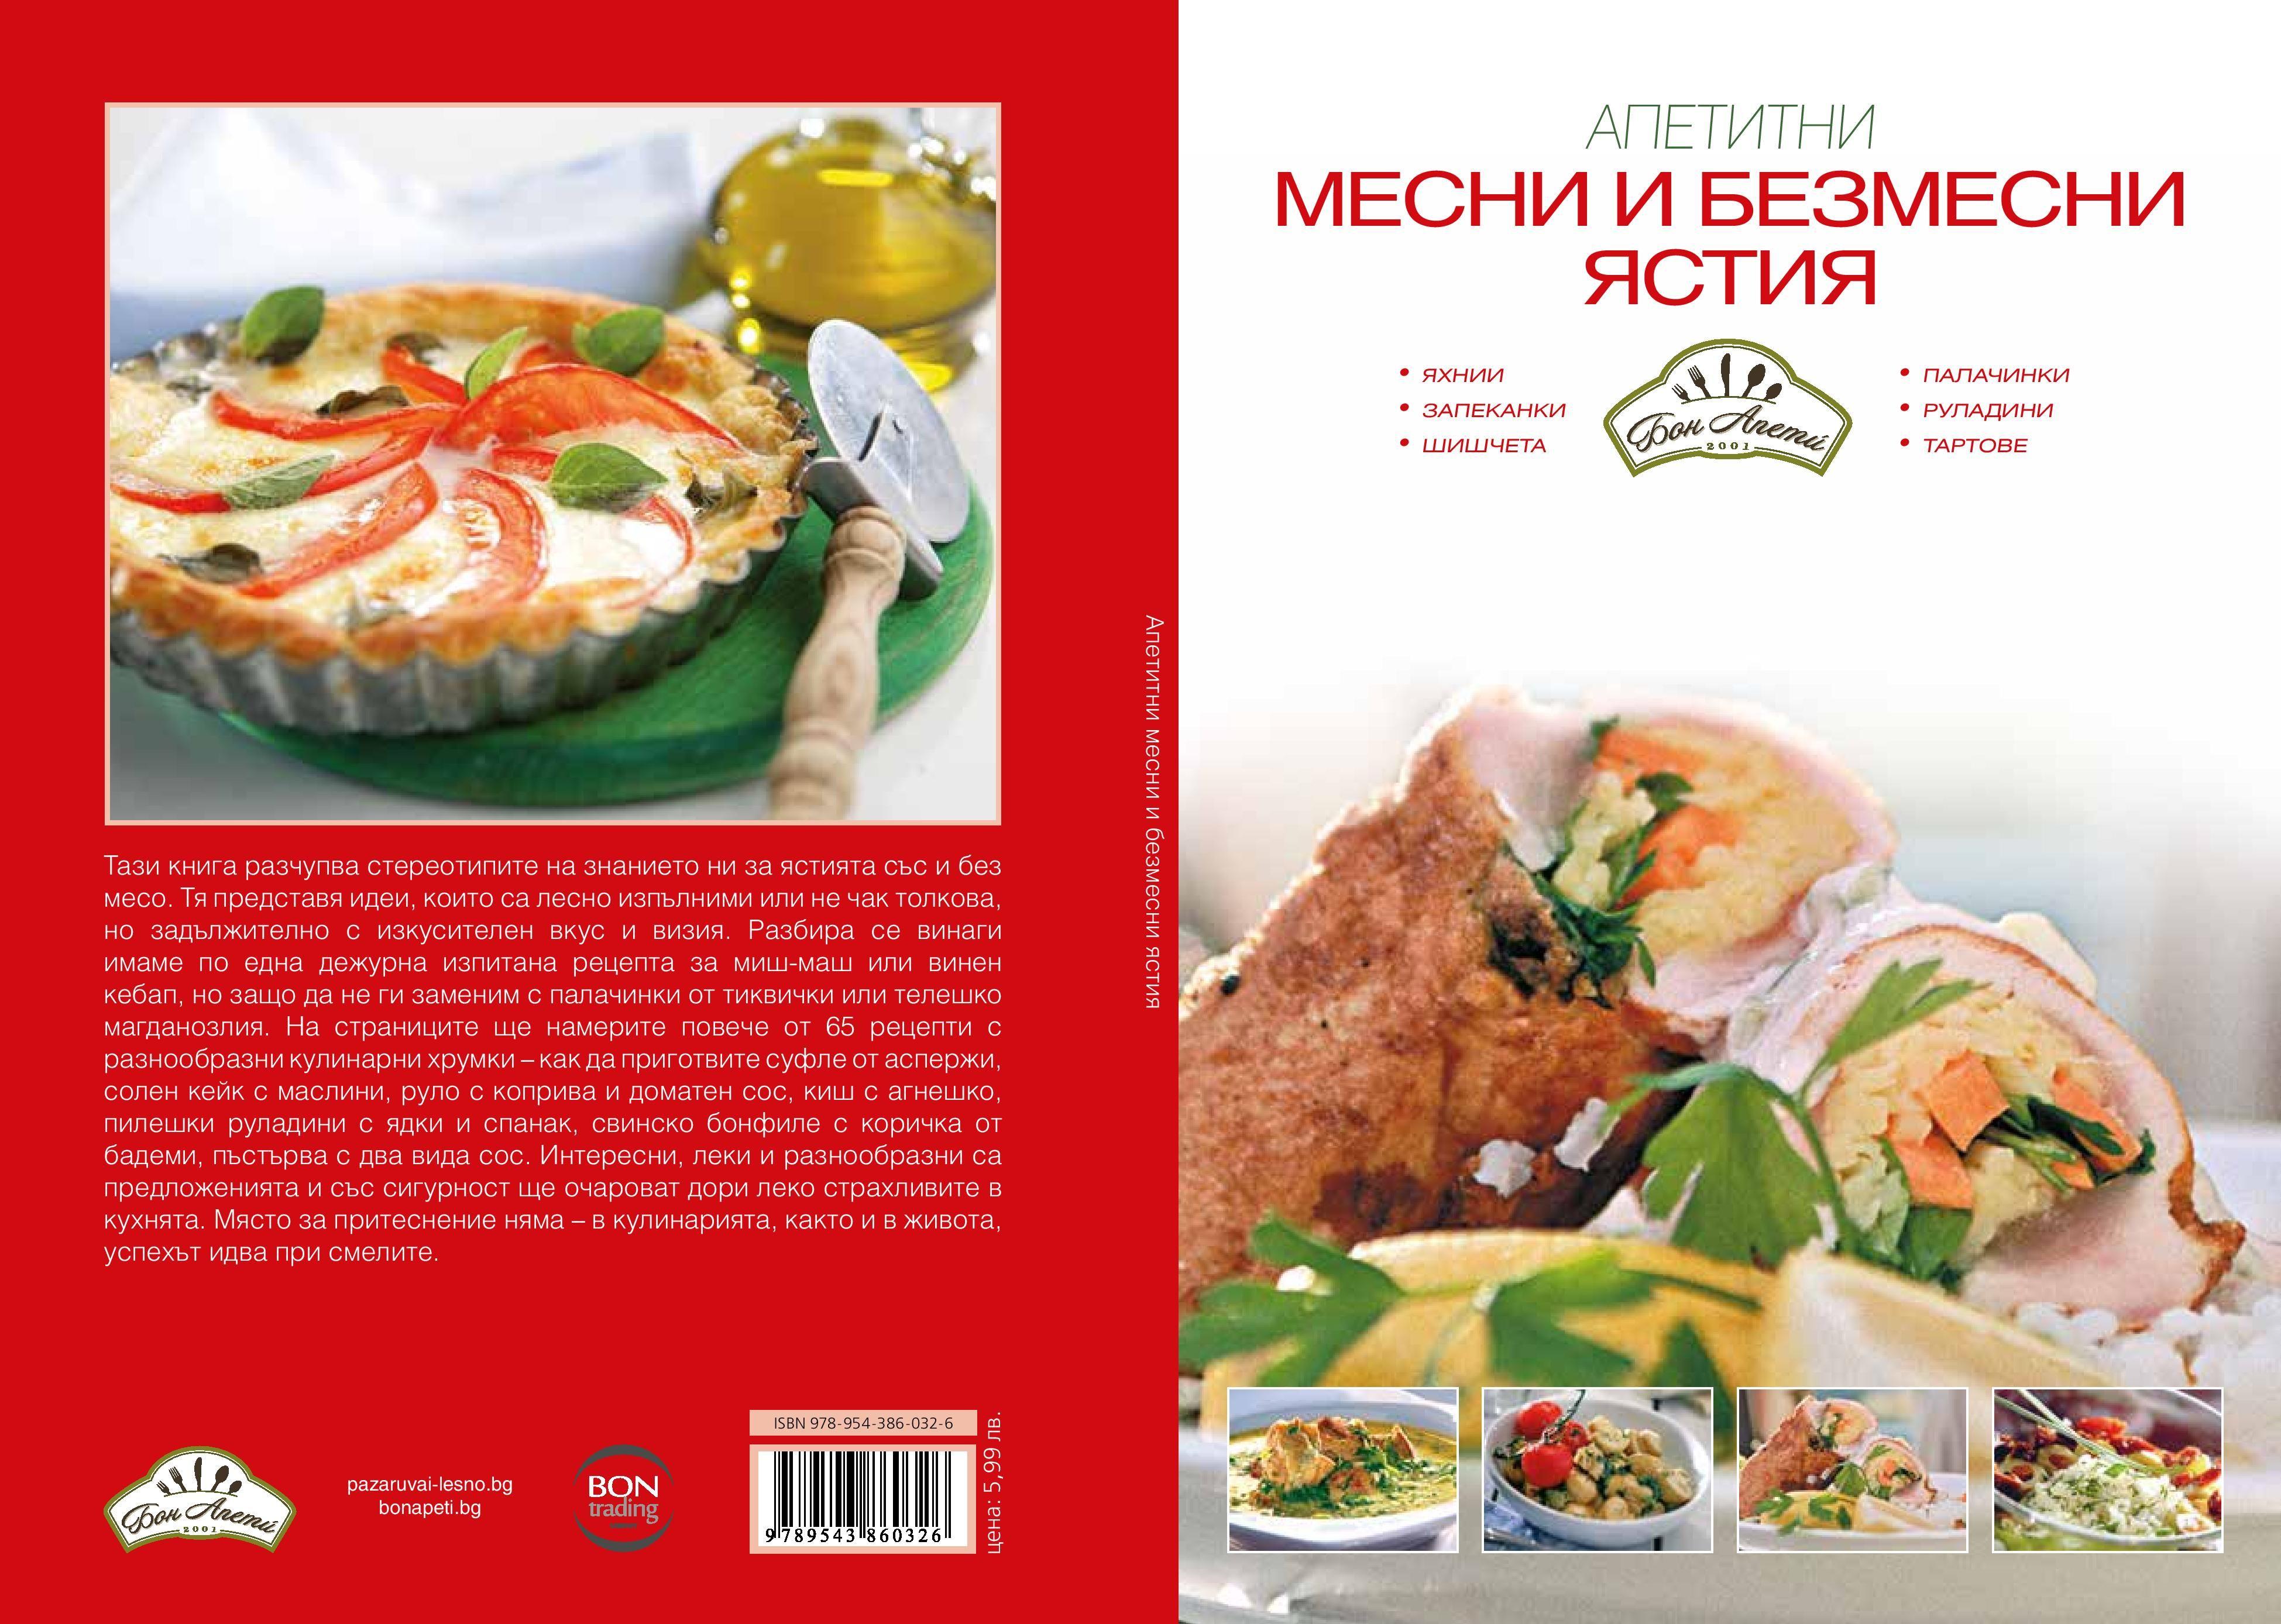 Апетитни месни и безмесни ястия - 2